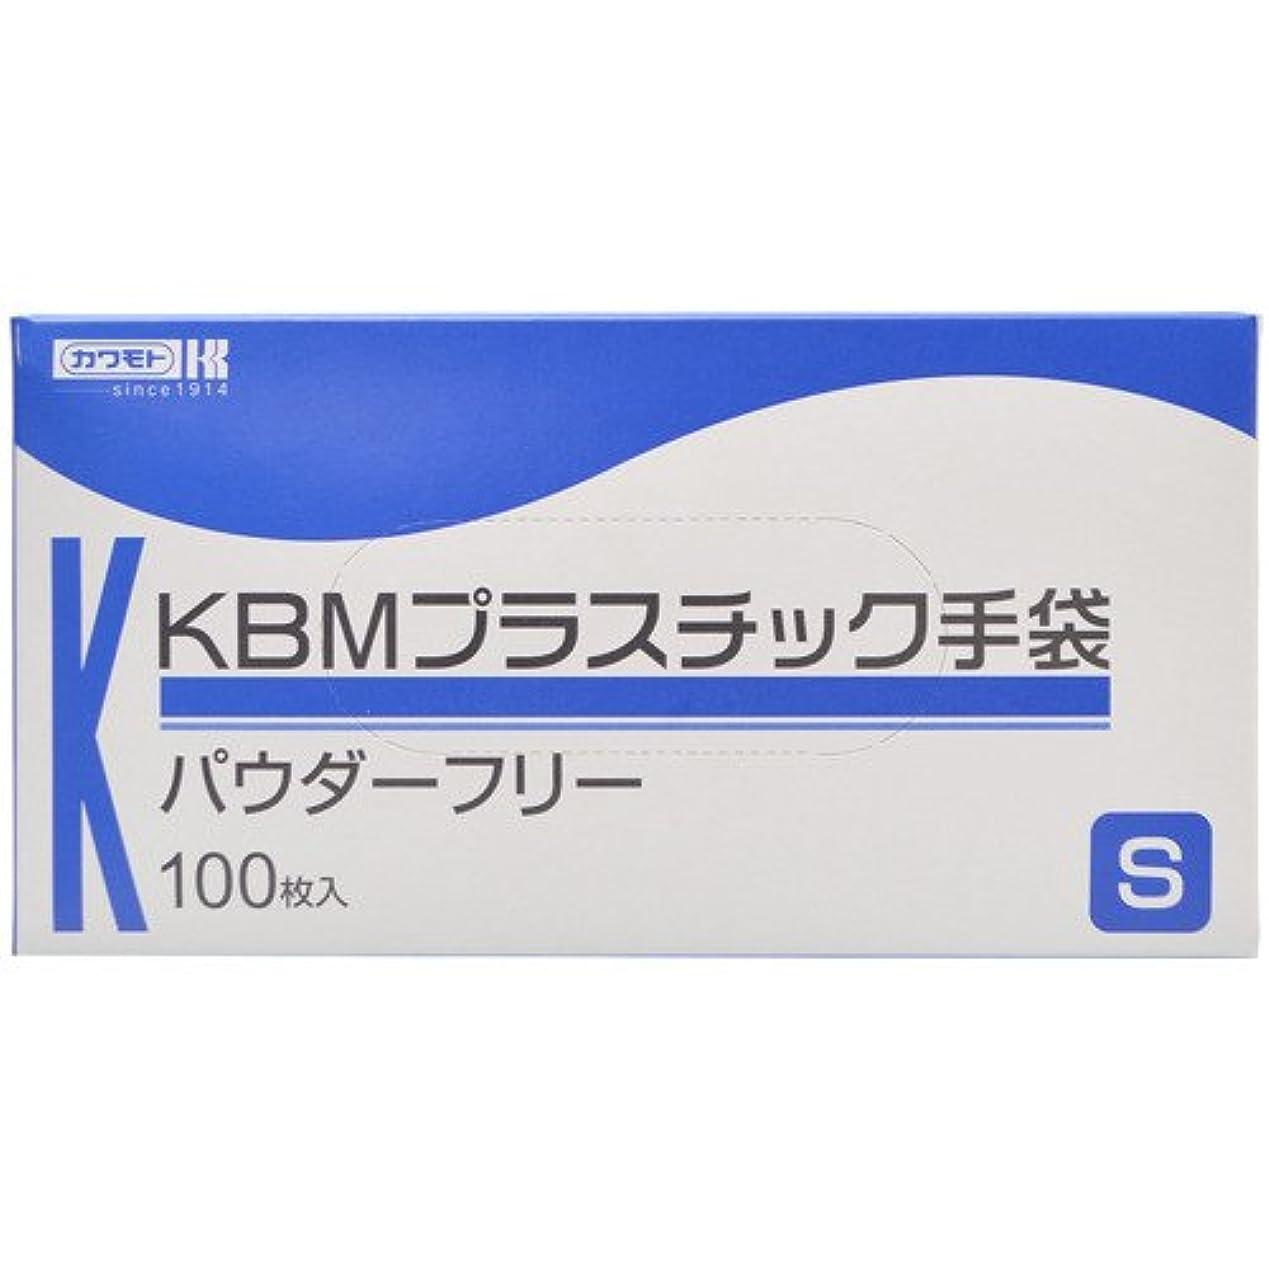 ピット韓国キャンドルKBM プラスチック手袋パウダーフリー Sサイズ100枚